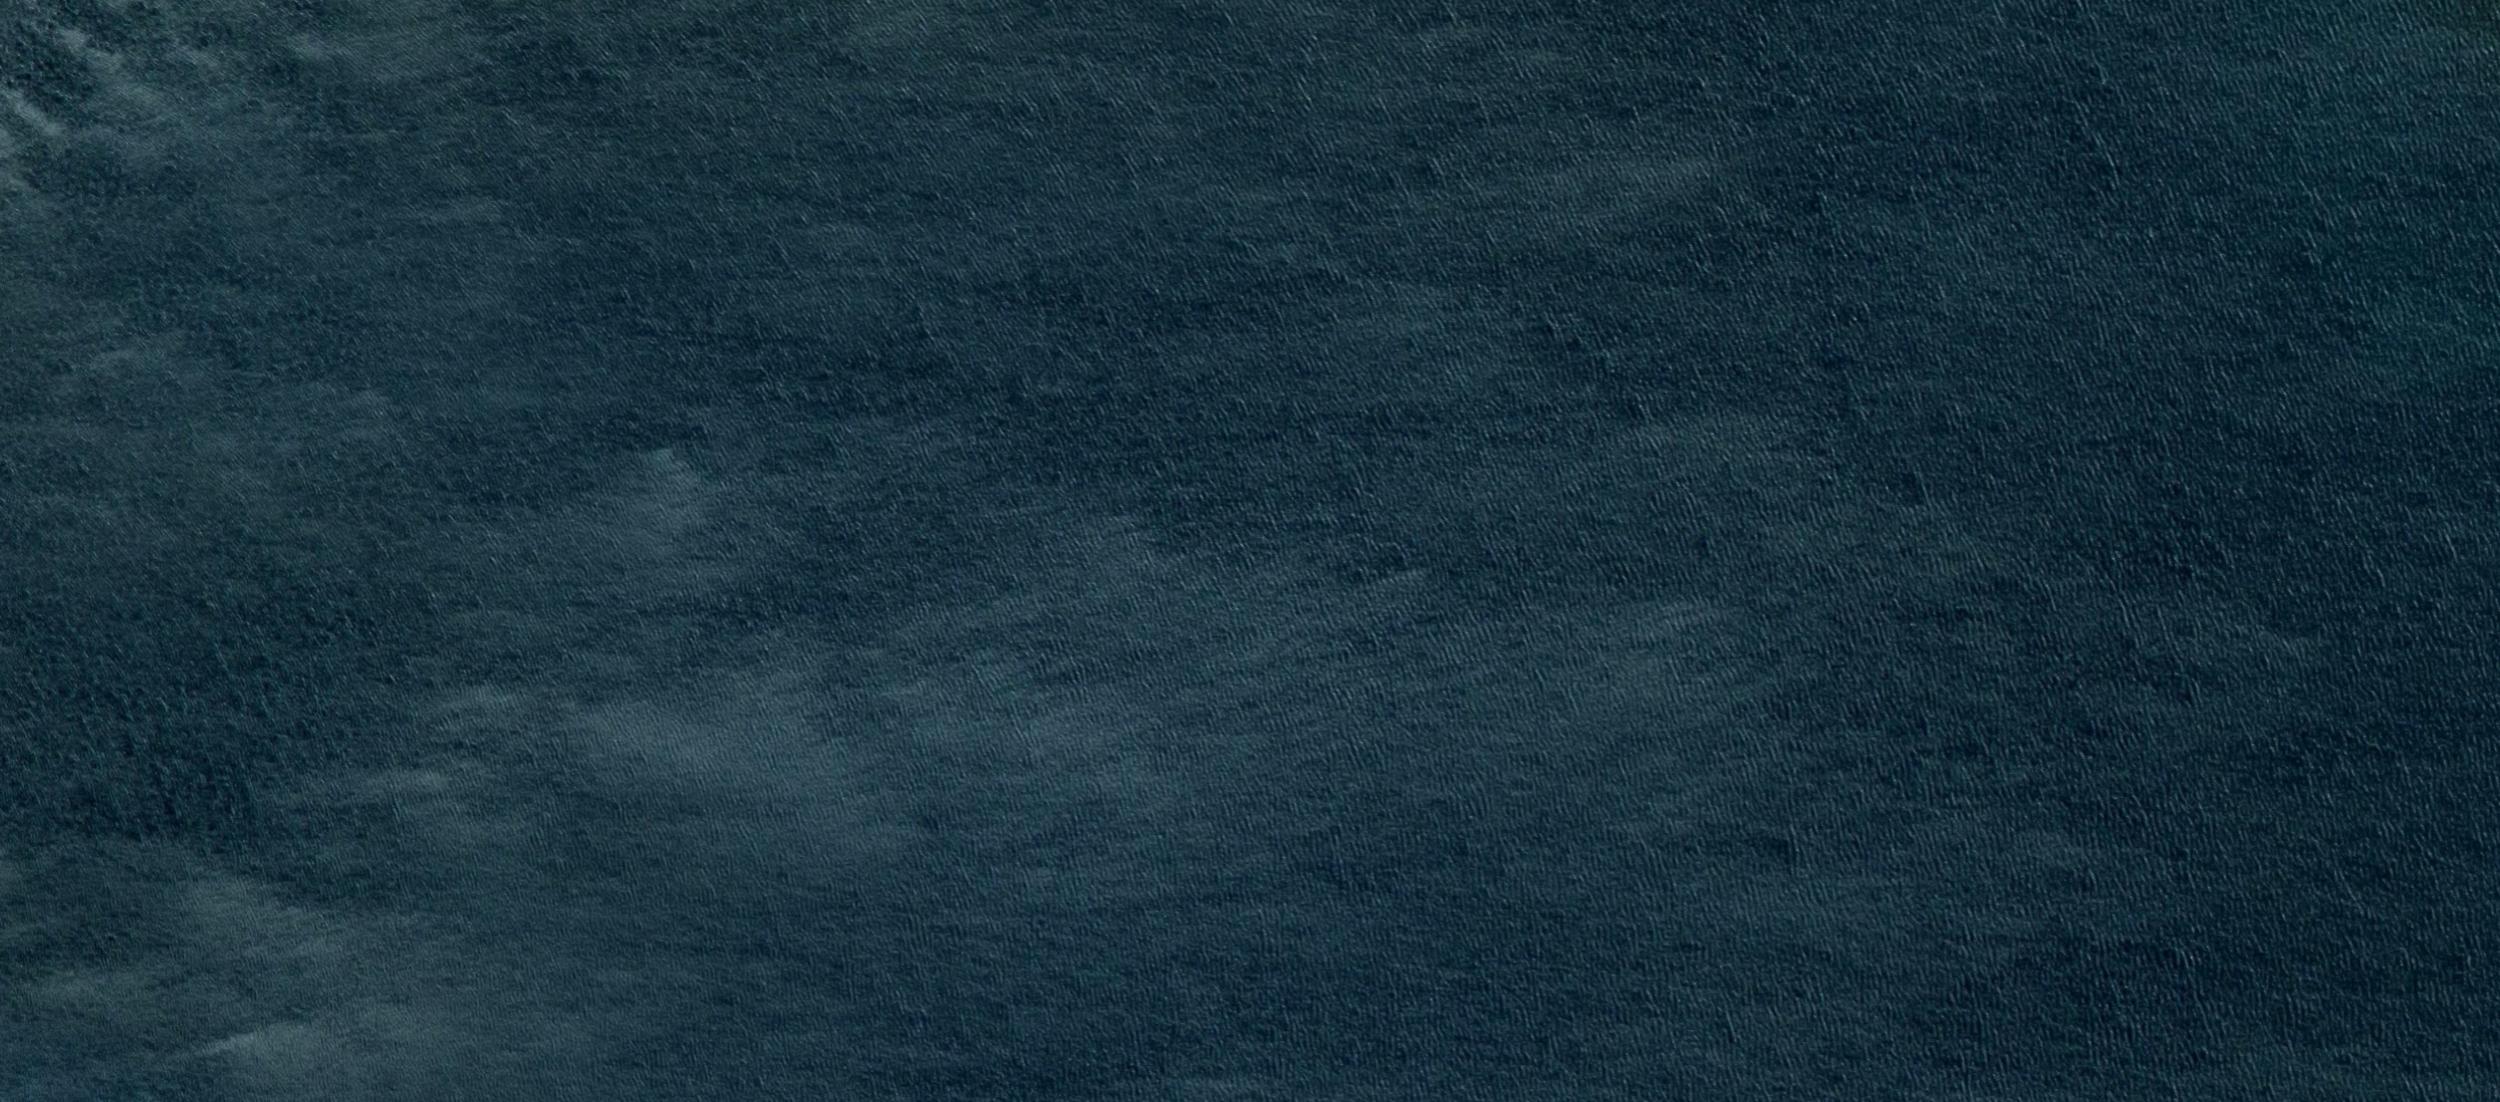 Screen Shot 2016-02-08 at 14.04.43.png